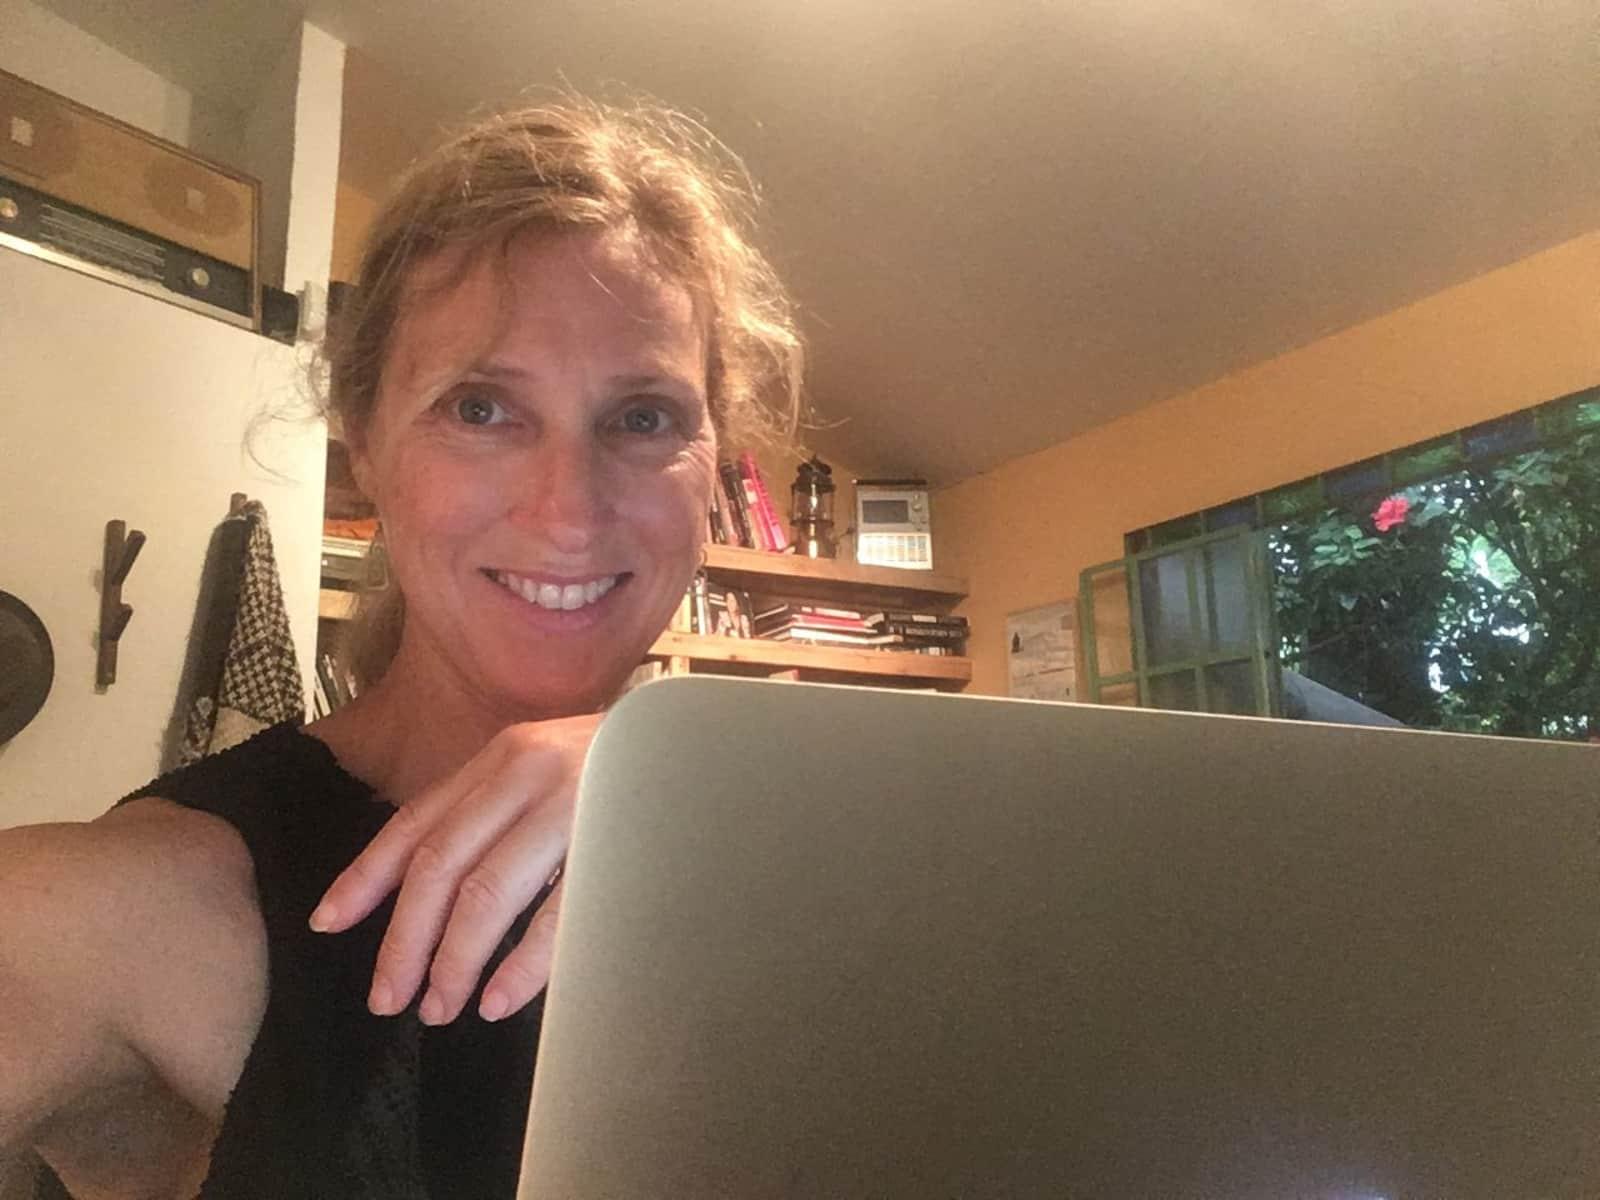 Denise from Seattle, Washington, United States